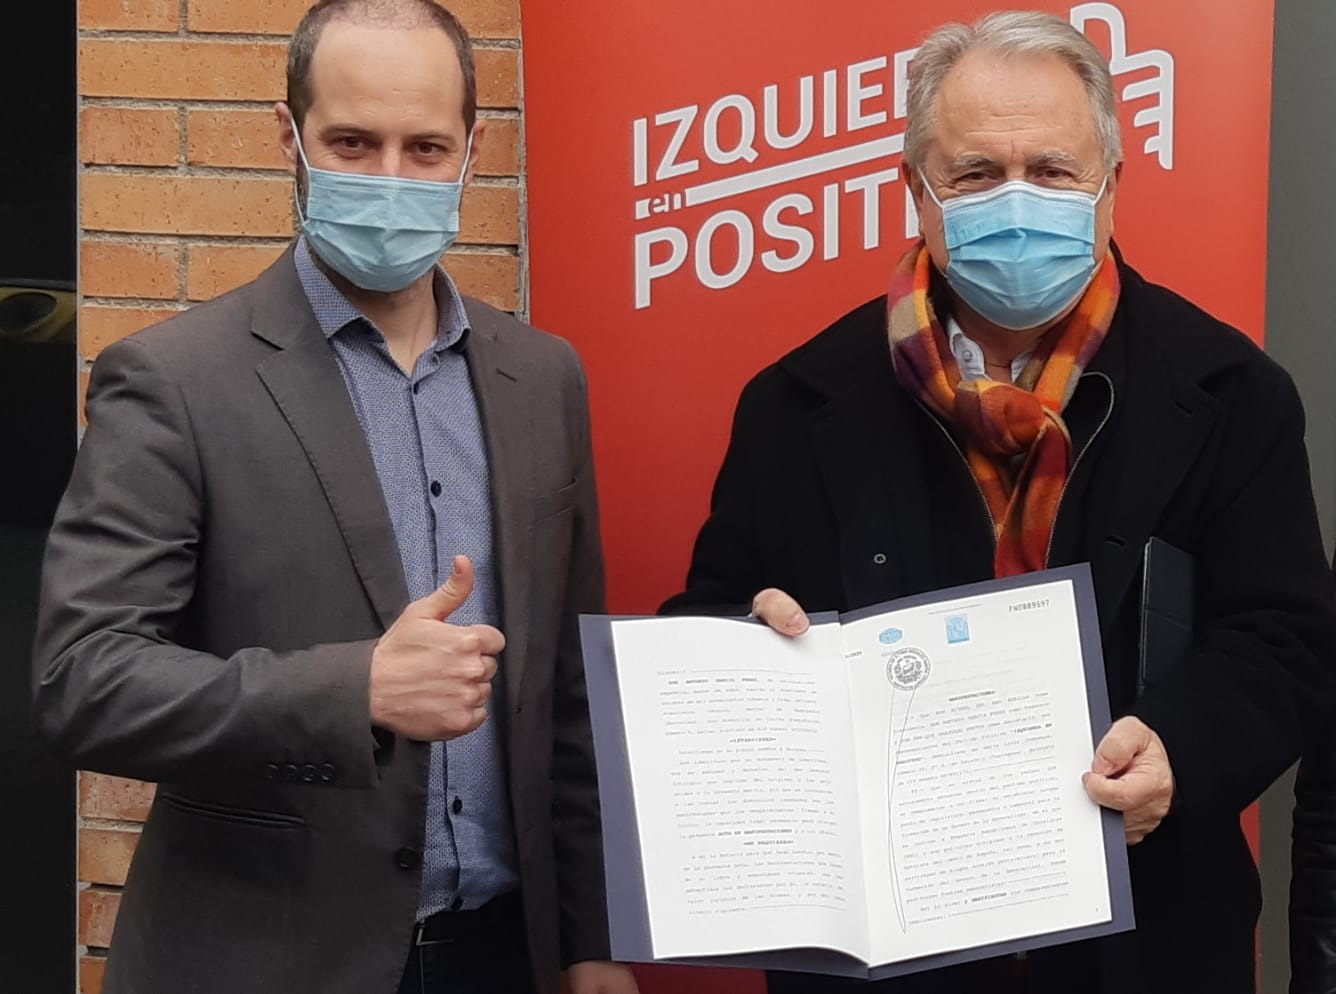 Izquierda En Positivo invita al PSC y a En Comú Podem a firmar ante notario que no pactará un Govern independentista.